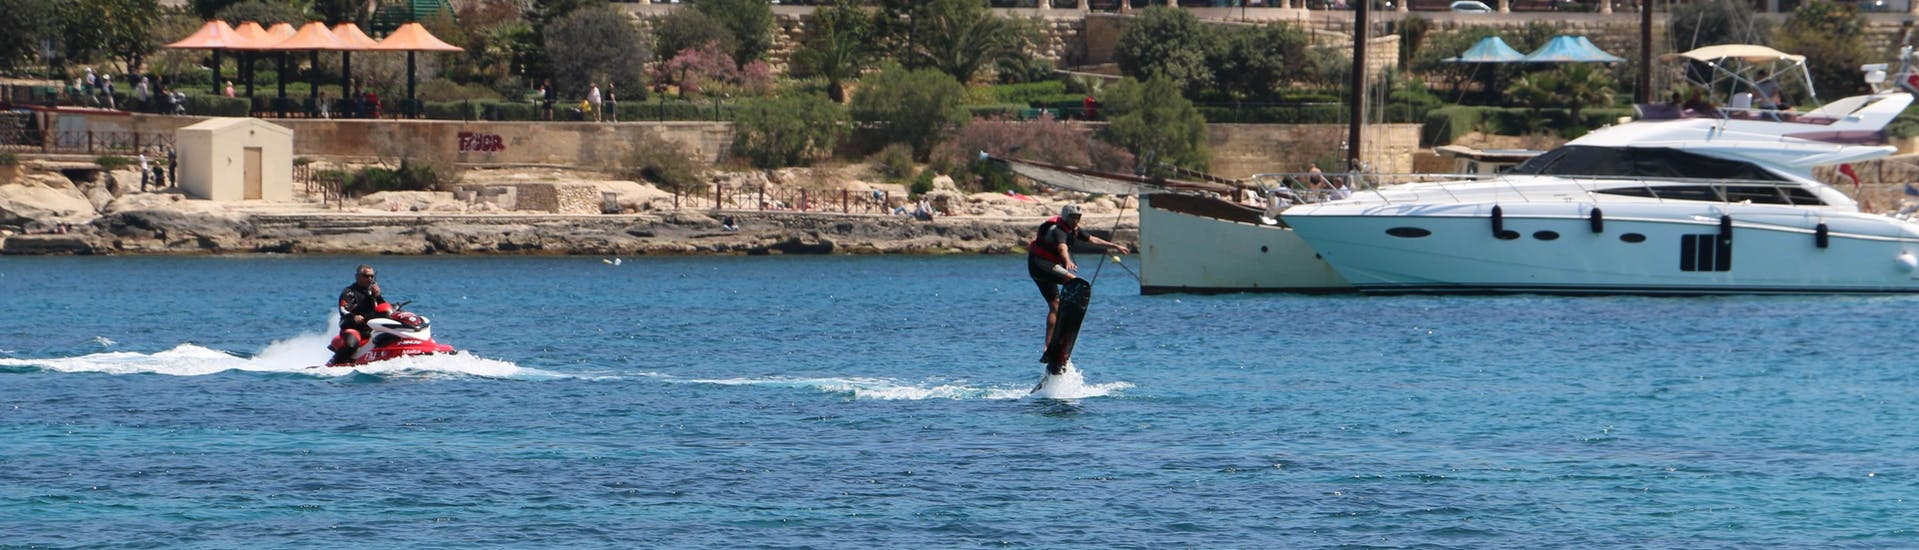 Hoverboard - Spinola Bay